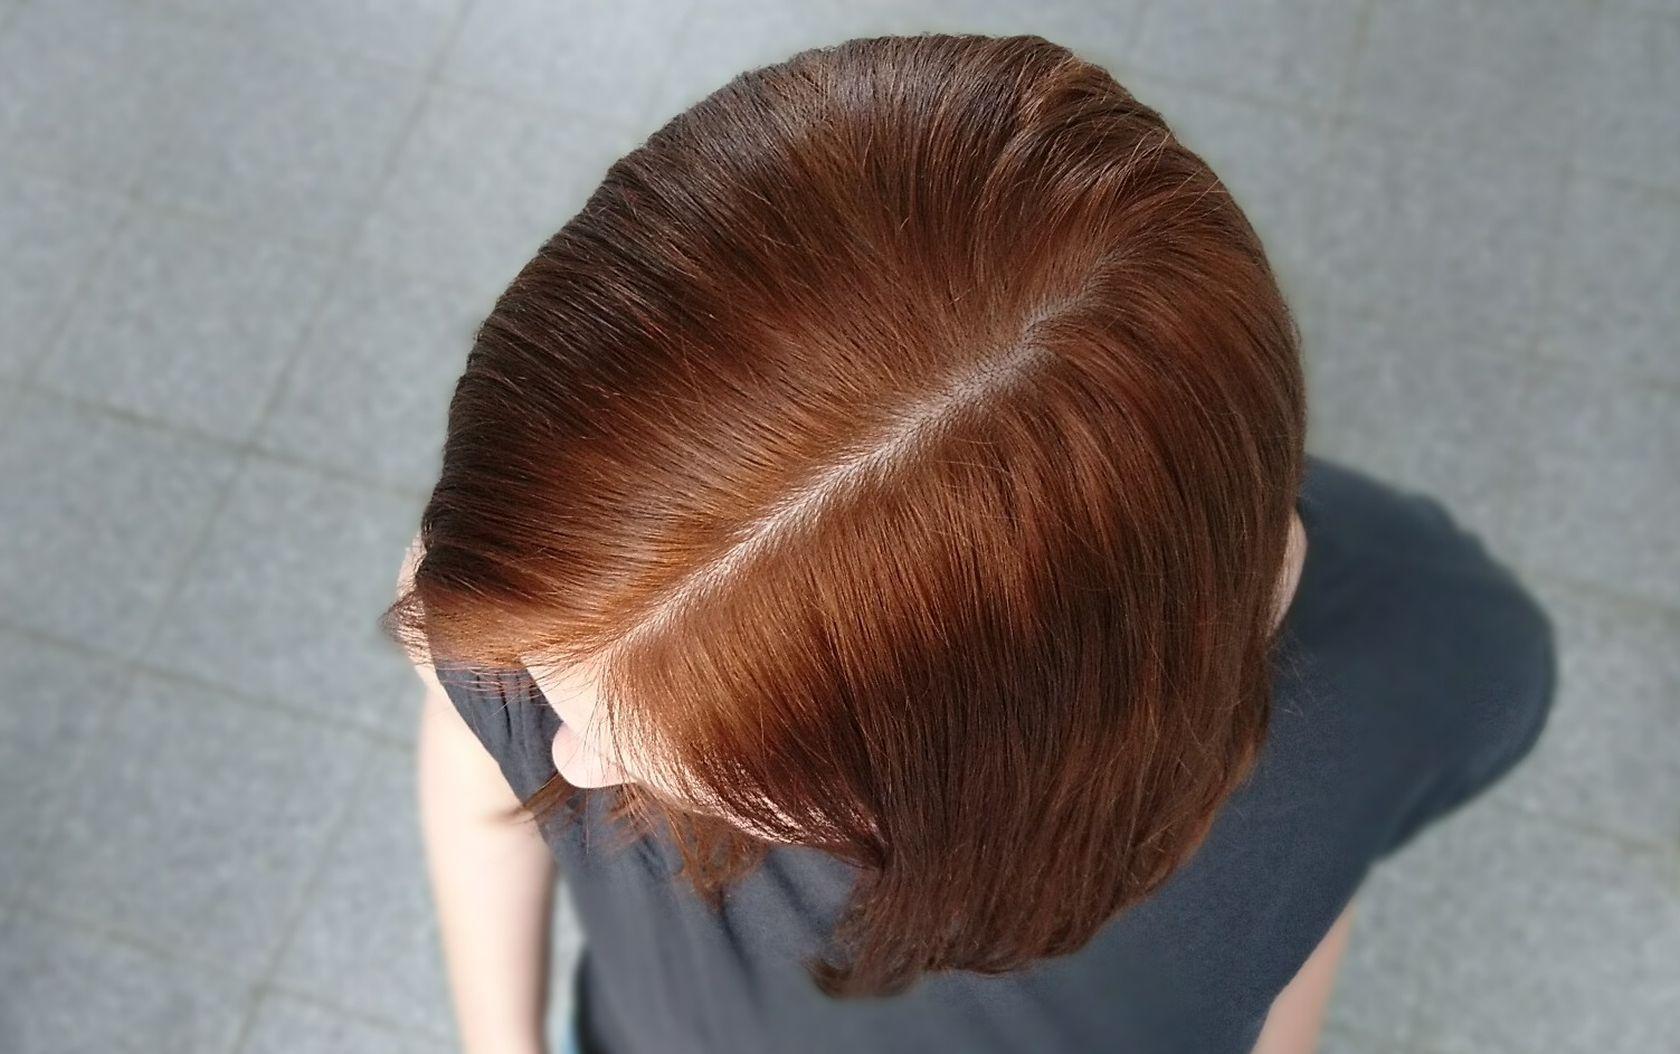 Auf dem Foto ist der Kopf einer jungen Frau mit rotem Haar von oben zu sehen. Ihr Scheitel ist frei von Schuppen.